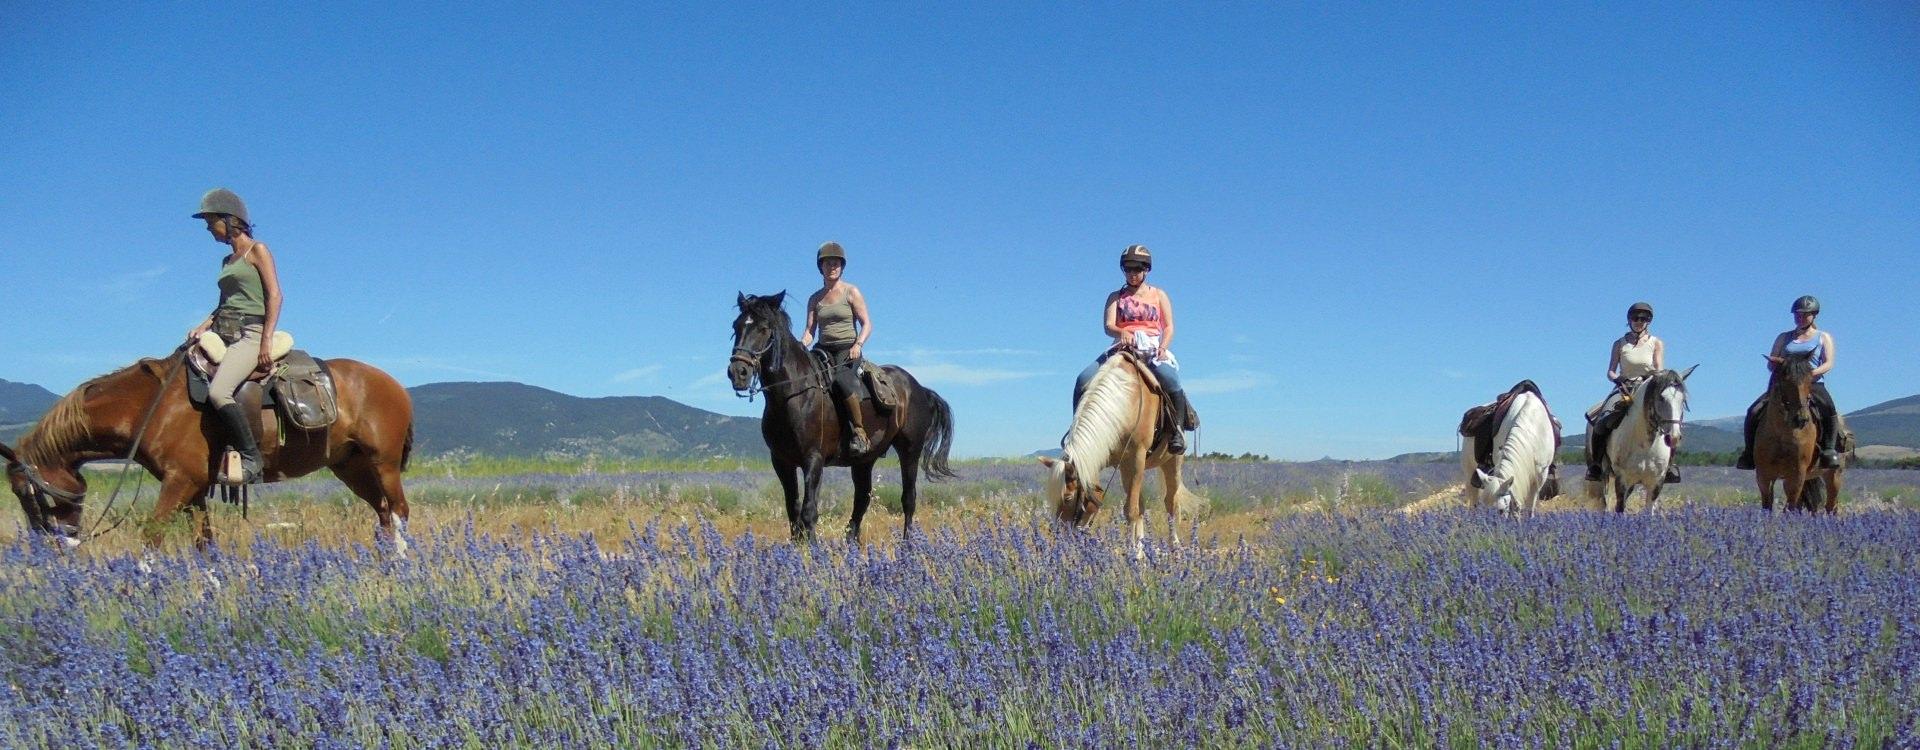 Riding through the lavendar in Provence